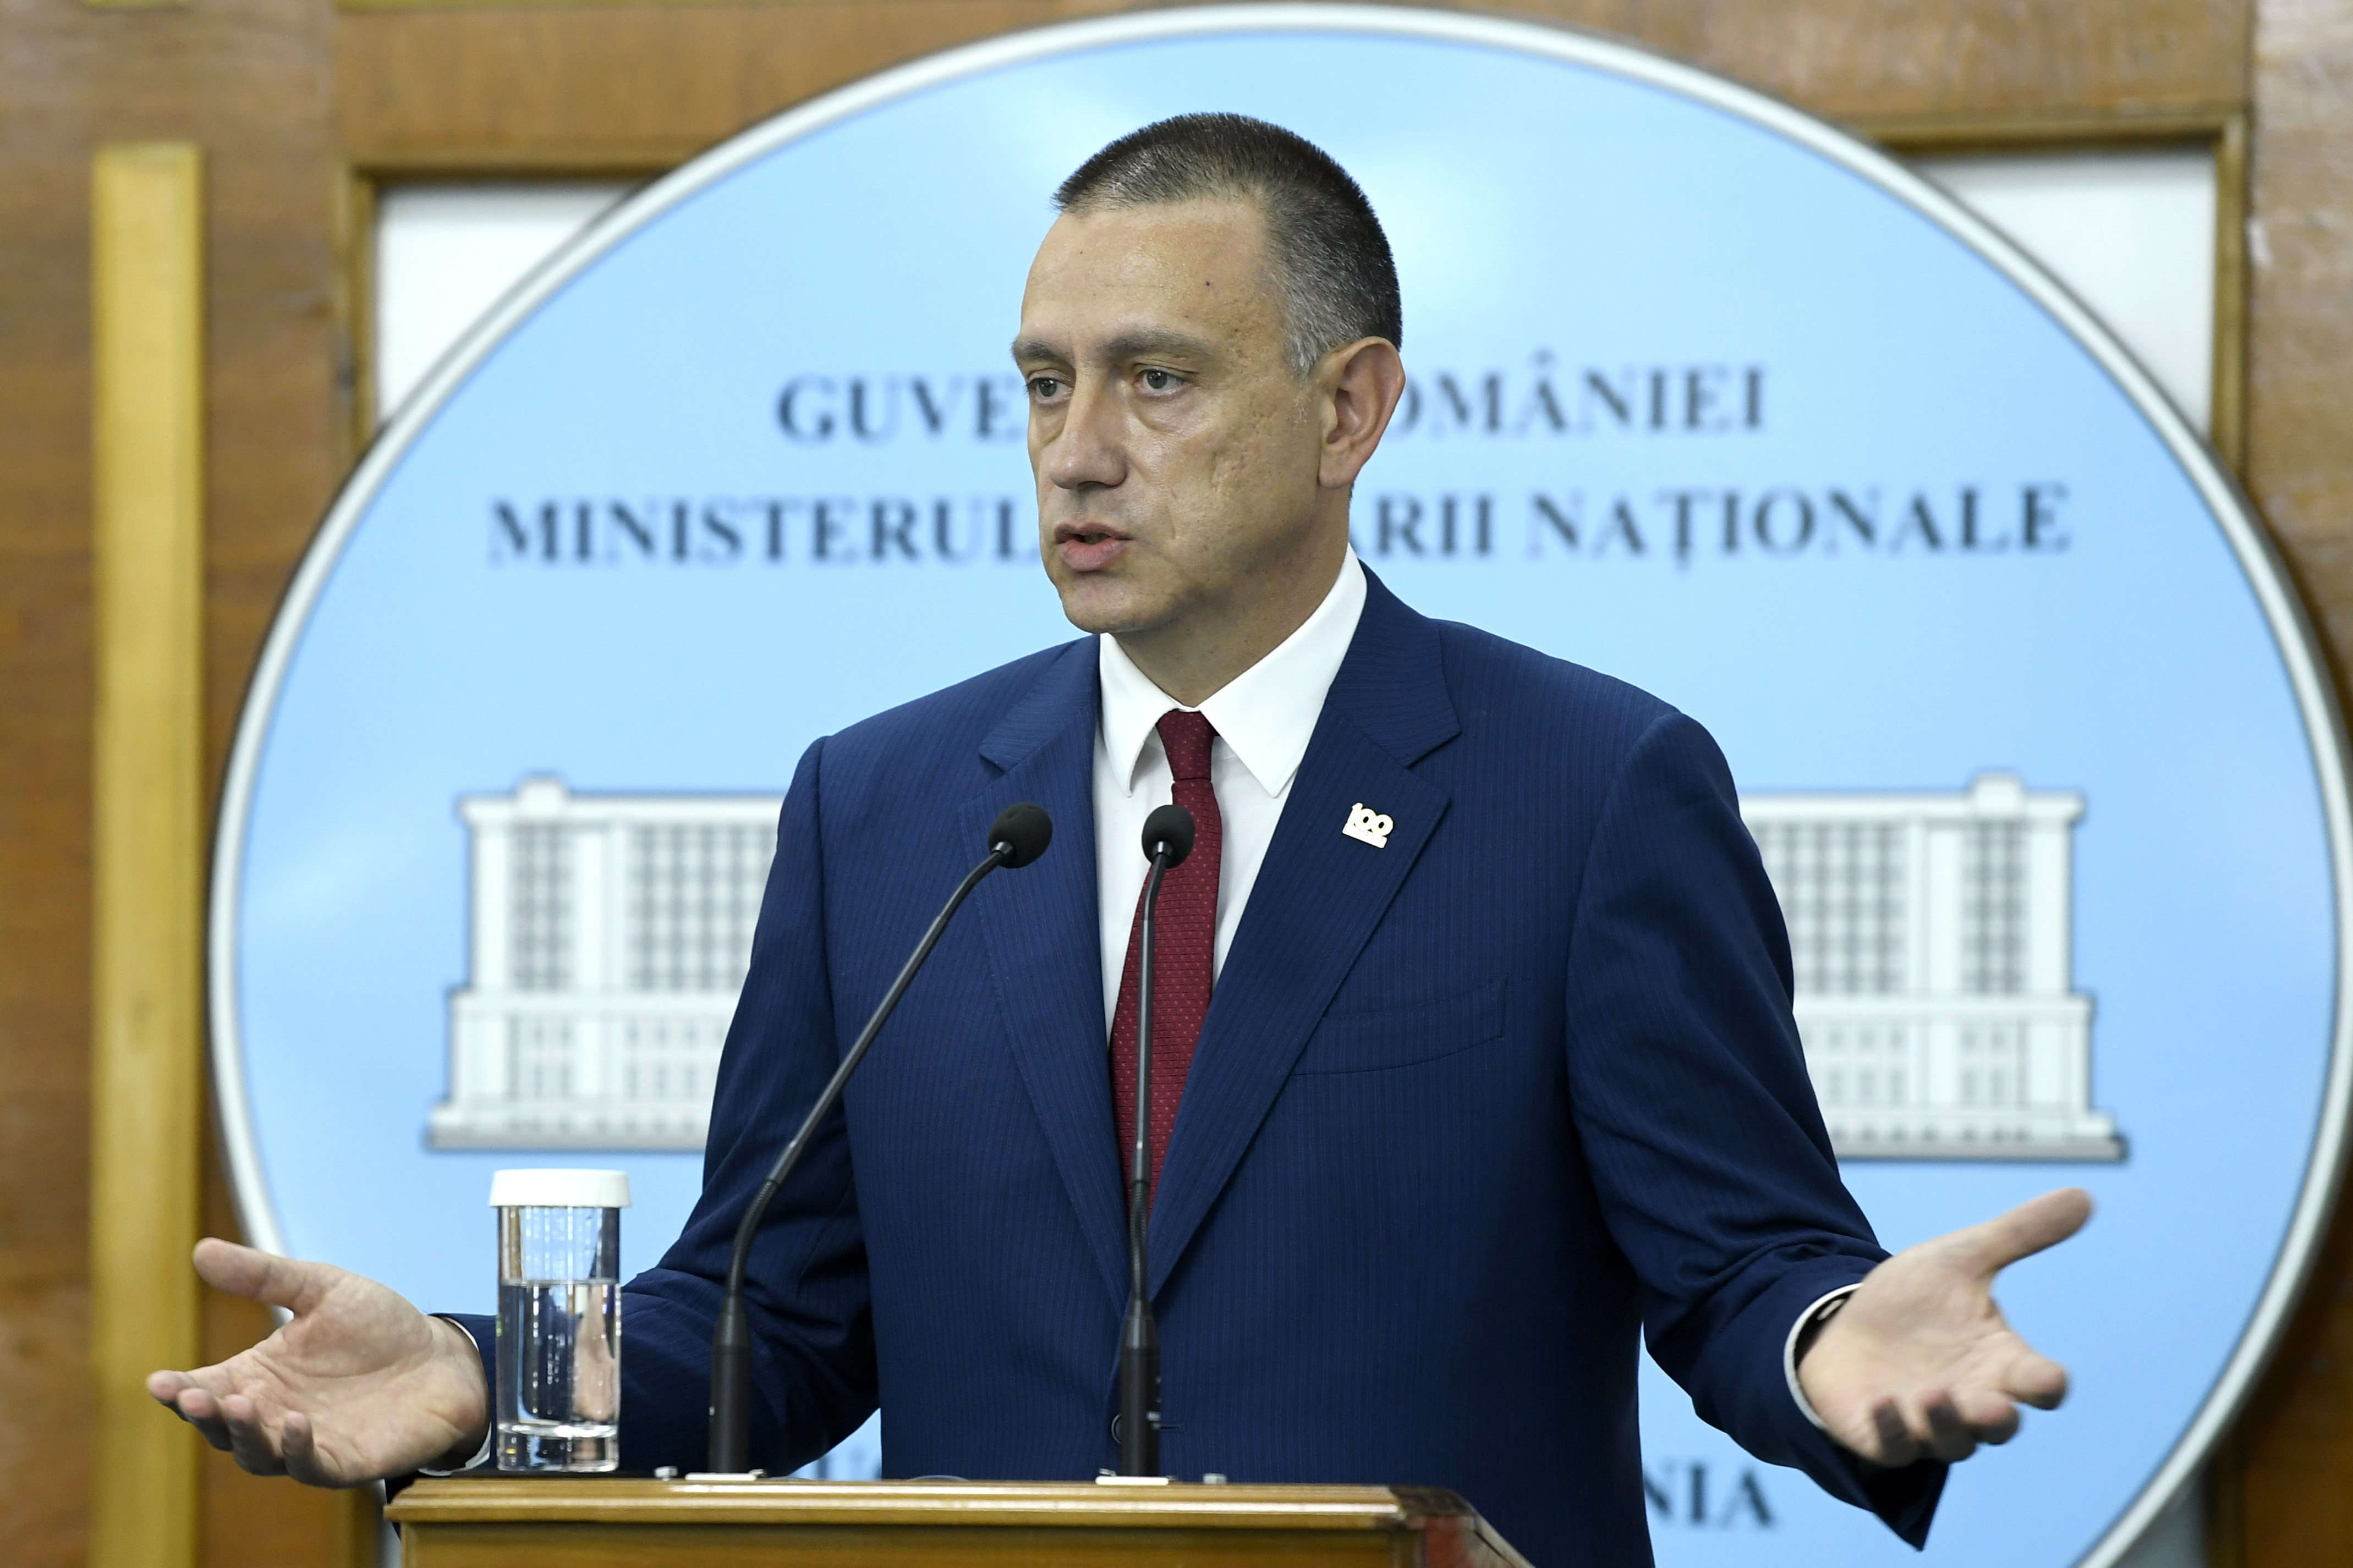 Ministrul Fifor susține că Dan Nica a fost amenințat cu moartea, după ce a cerut comisie parlamentară